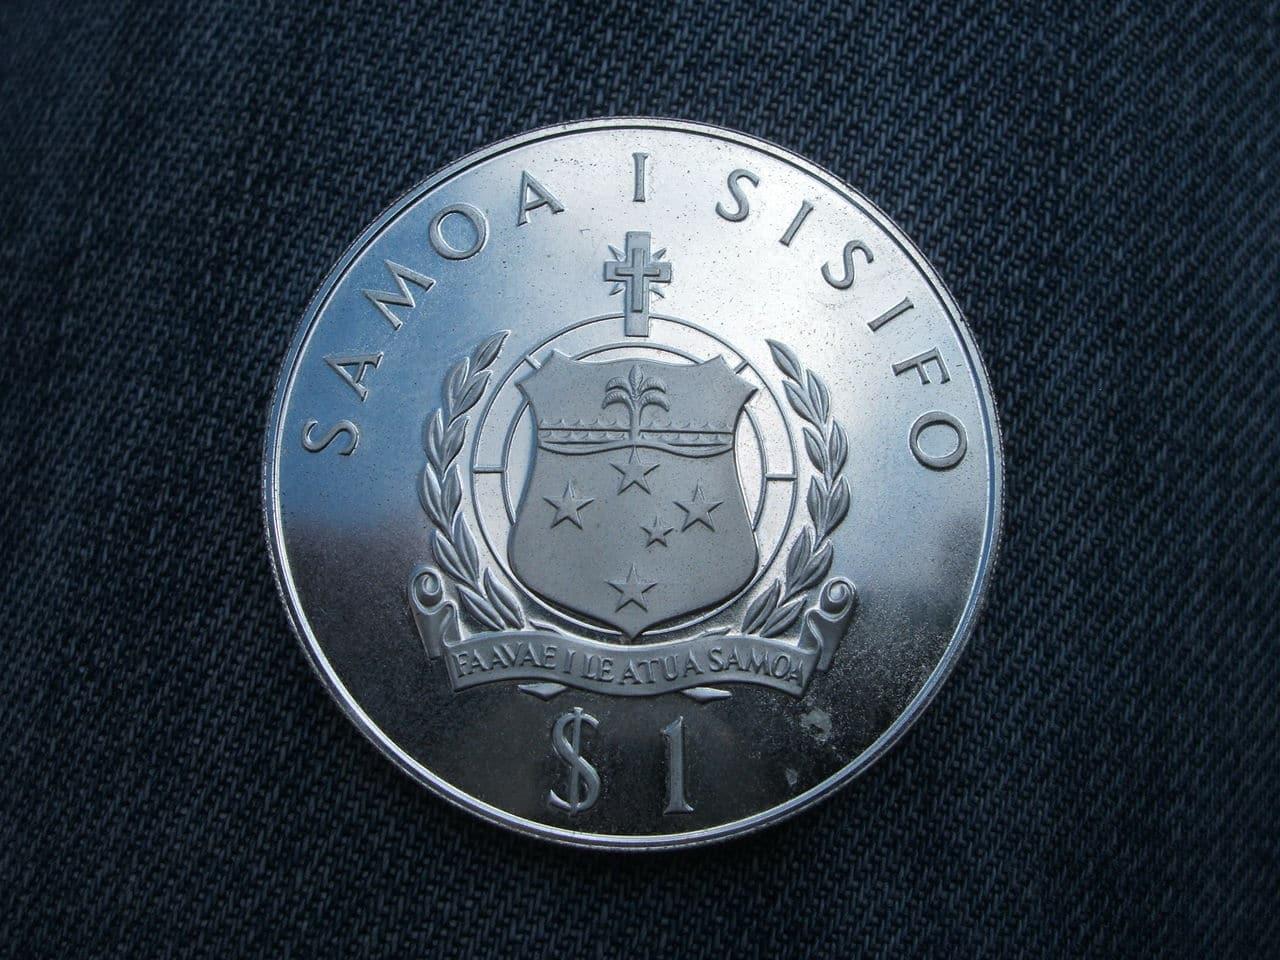 1 Tala. Samoa. 1977  033